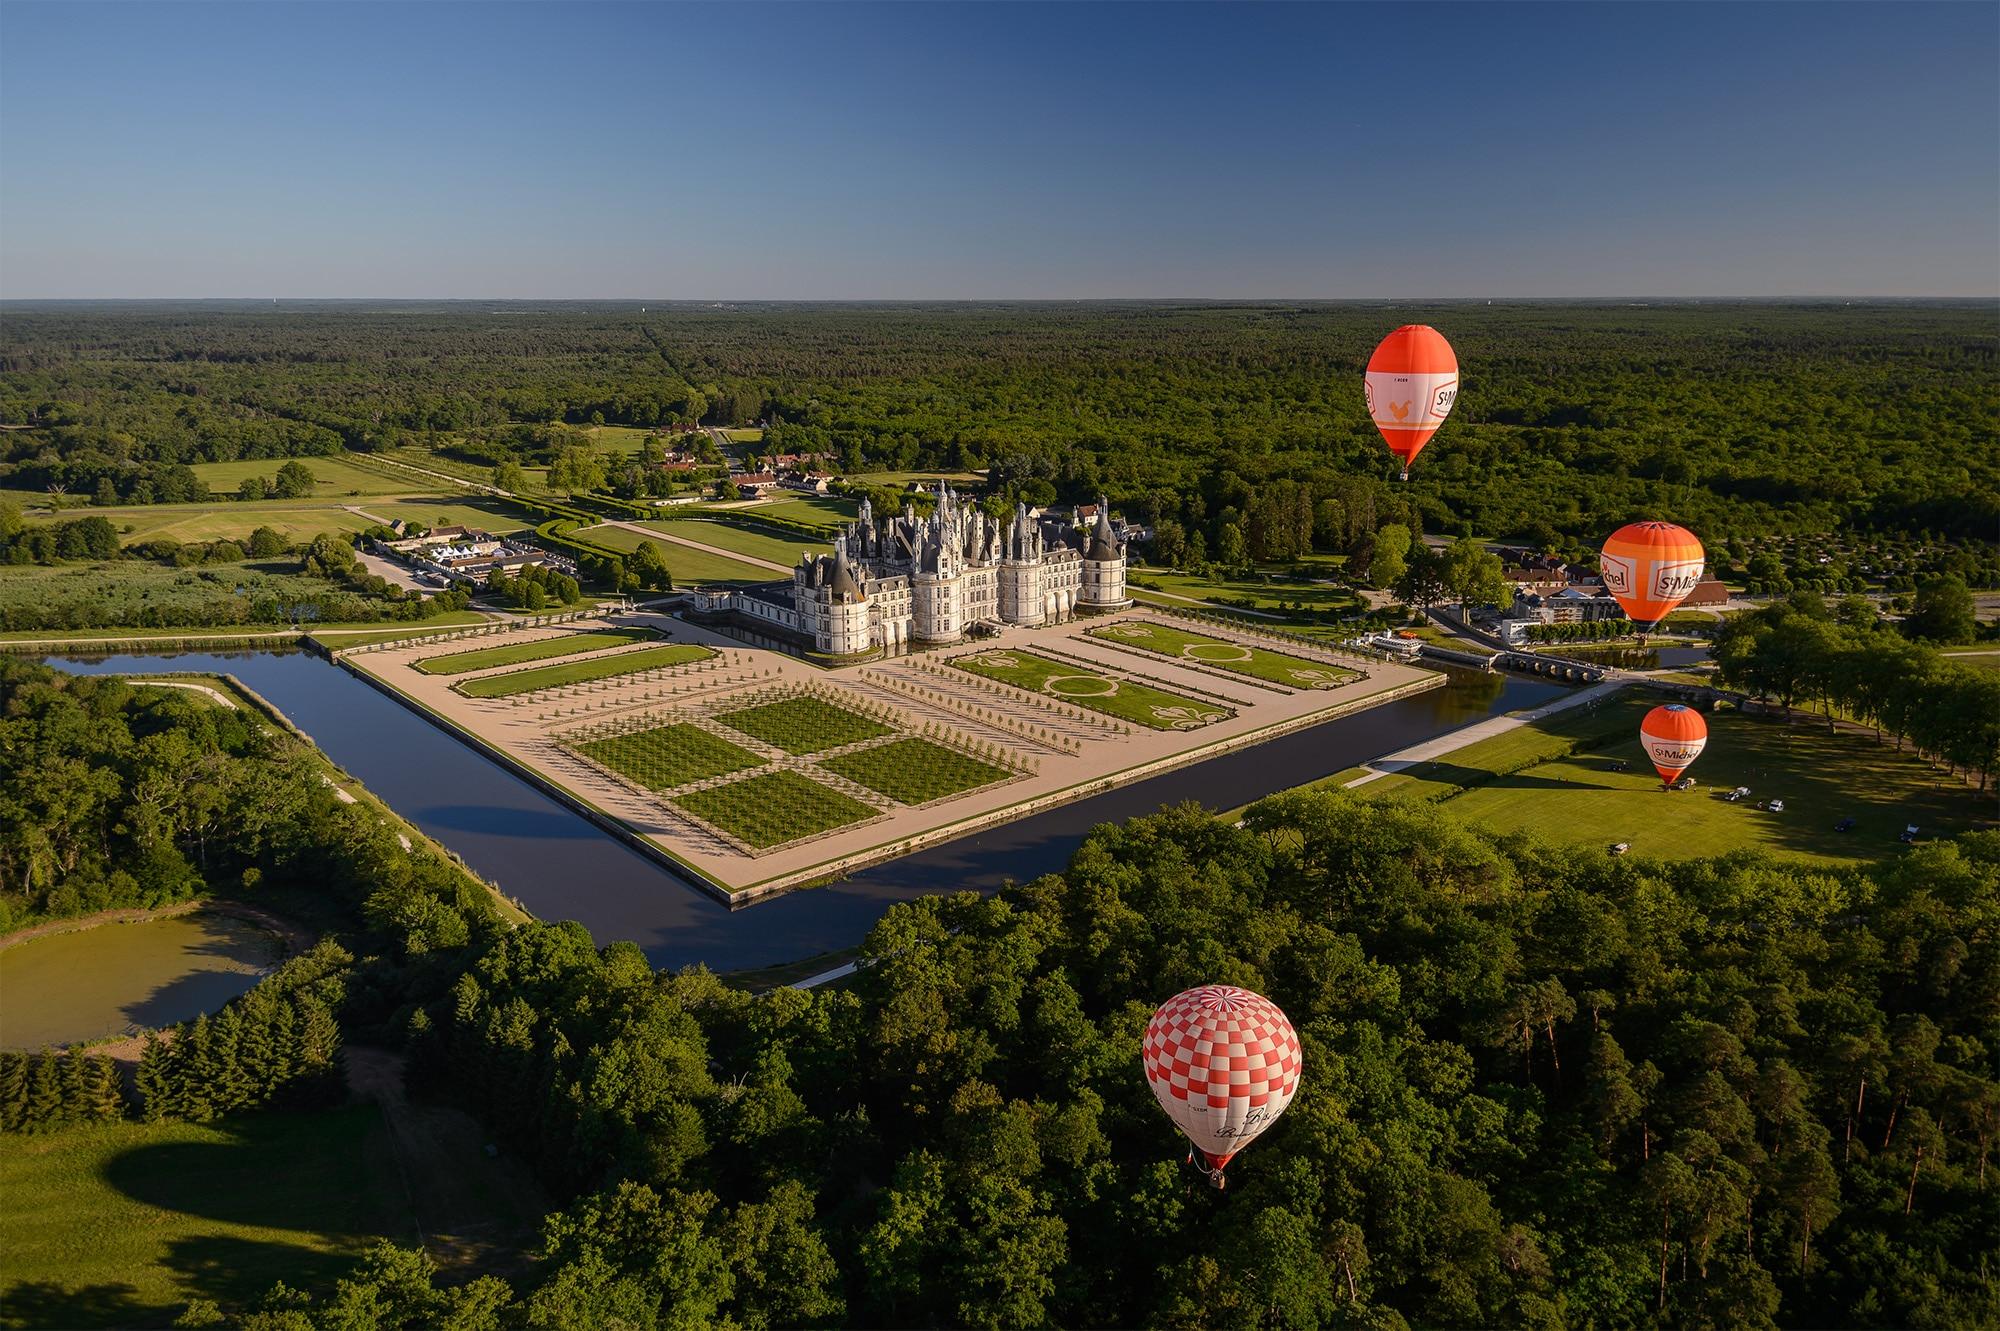 500-Ans-Renaissances-Val-de-Loire-Chambord_Montgolfiere_LdeSerres_DomNatdeChambord-2000px